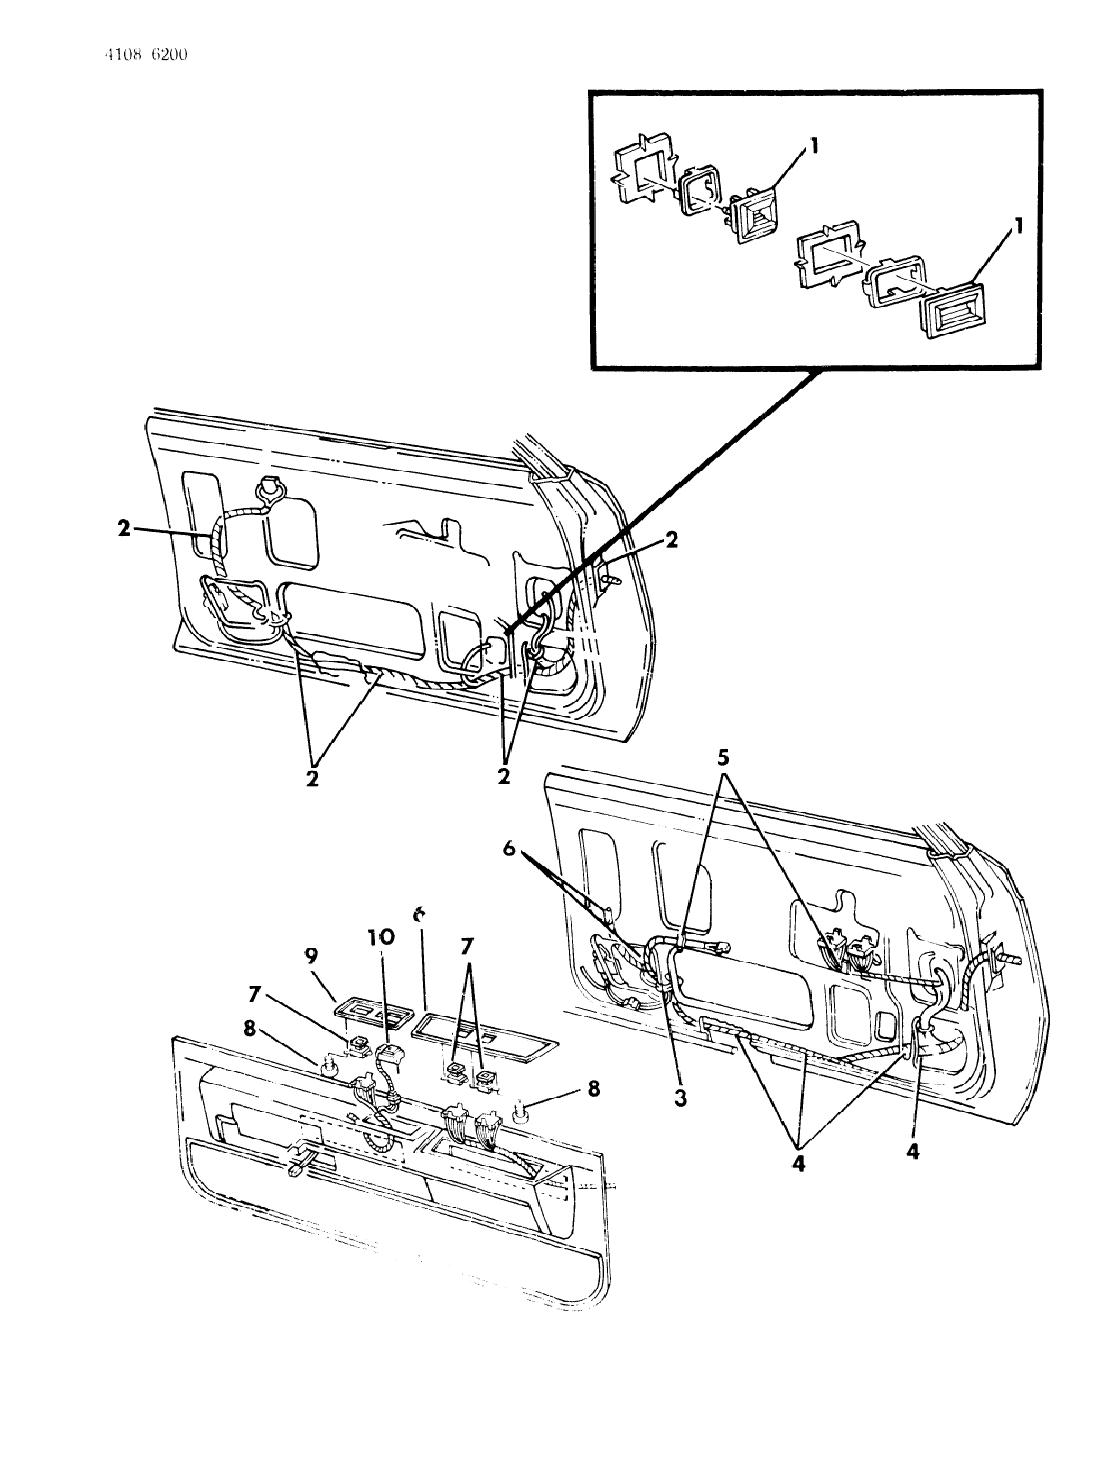 [WRG-5568] Dodge Aries Wiring Diagram